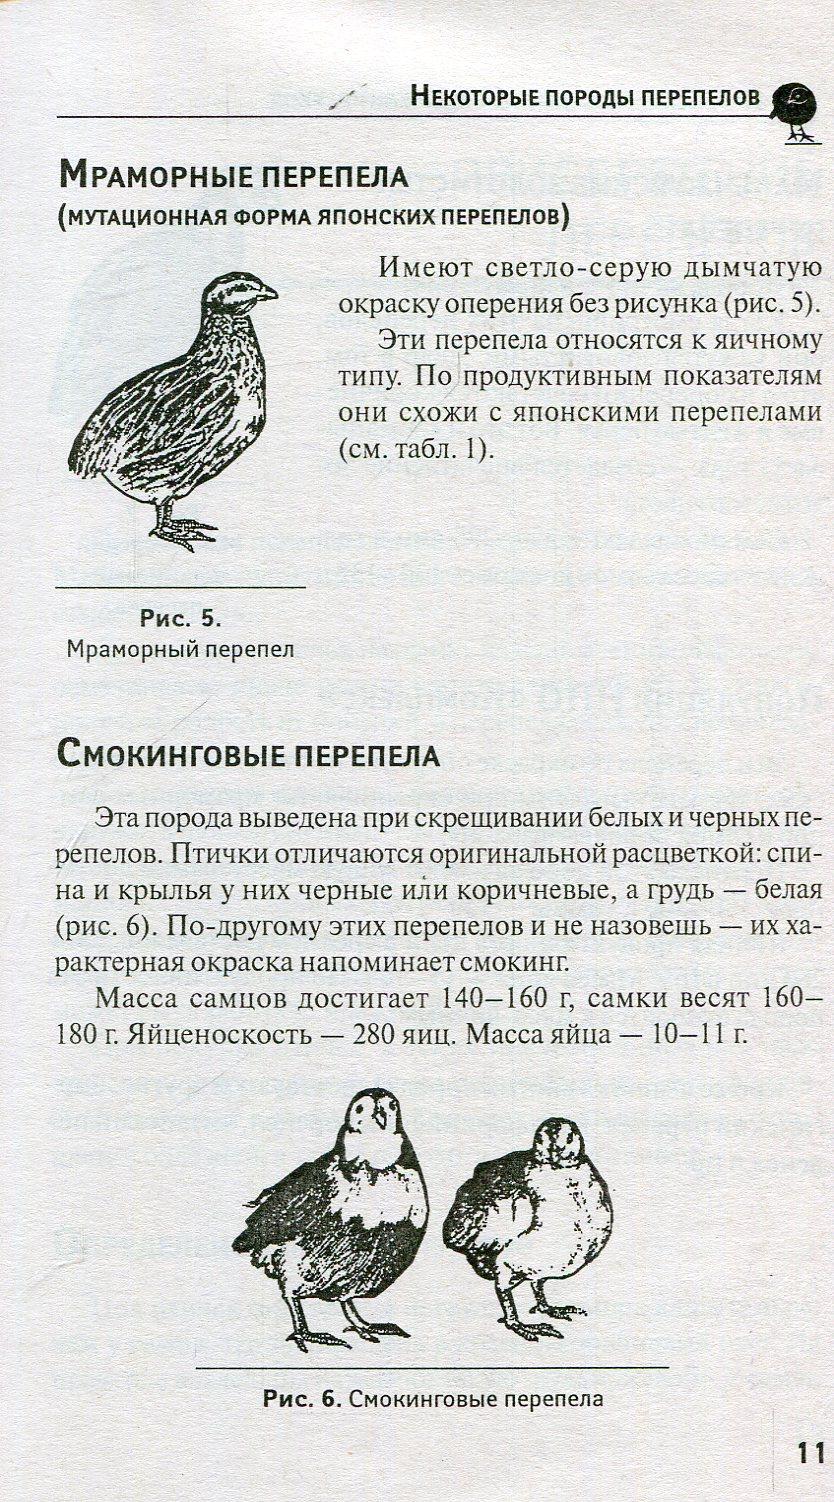 Смокинговый перепел – описание внешнего вида, особенности породы